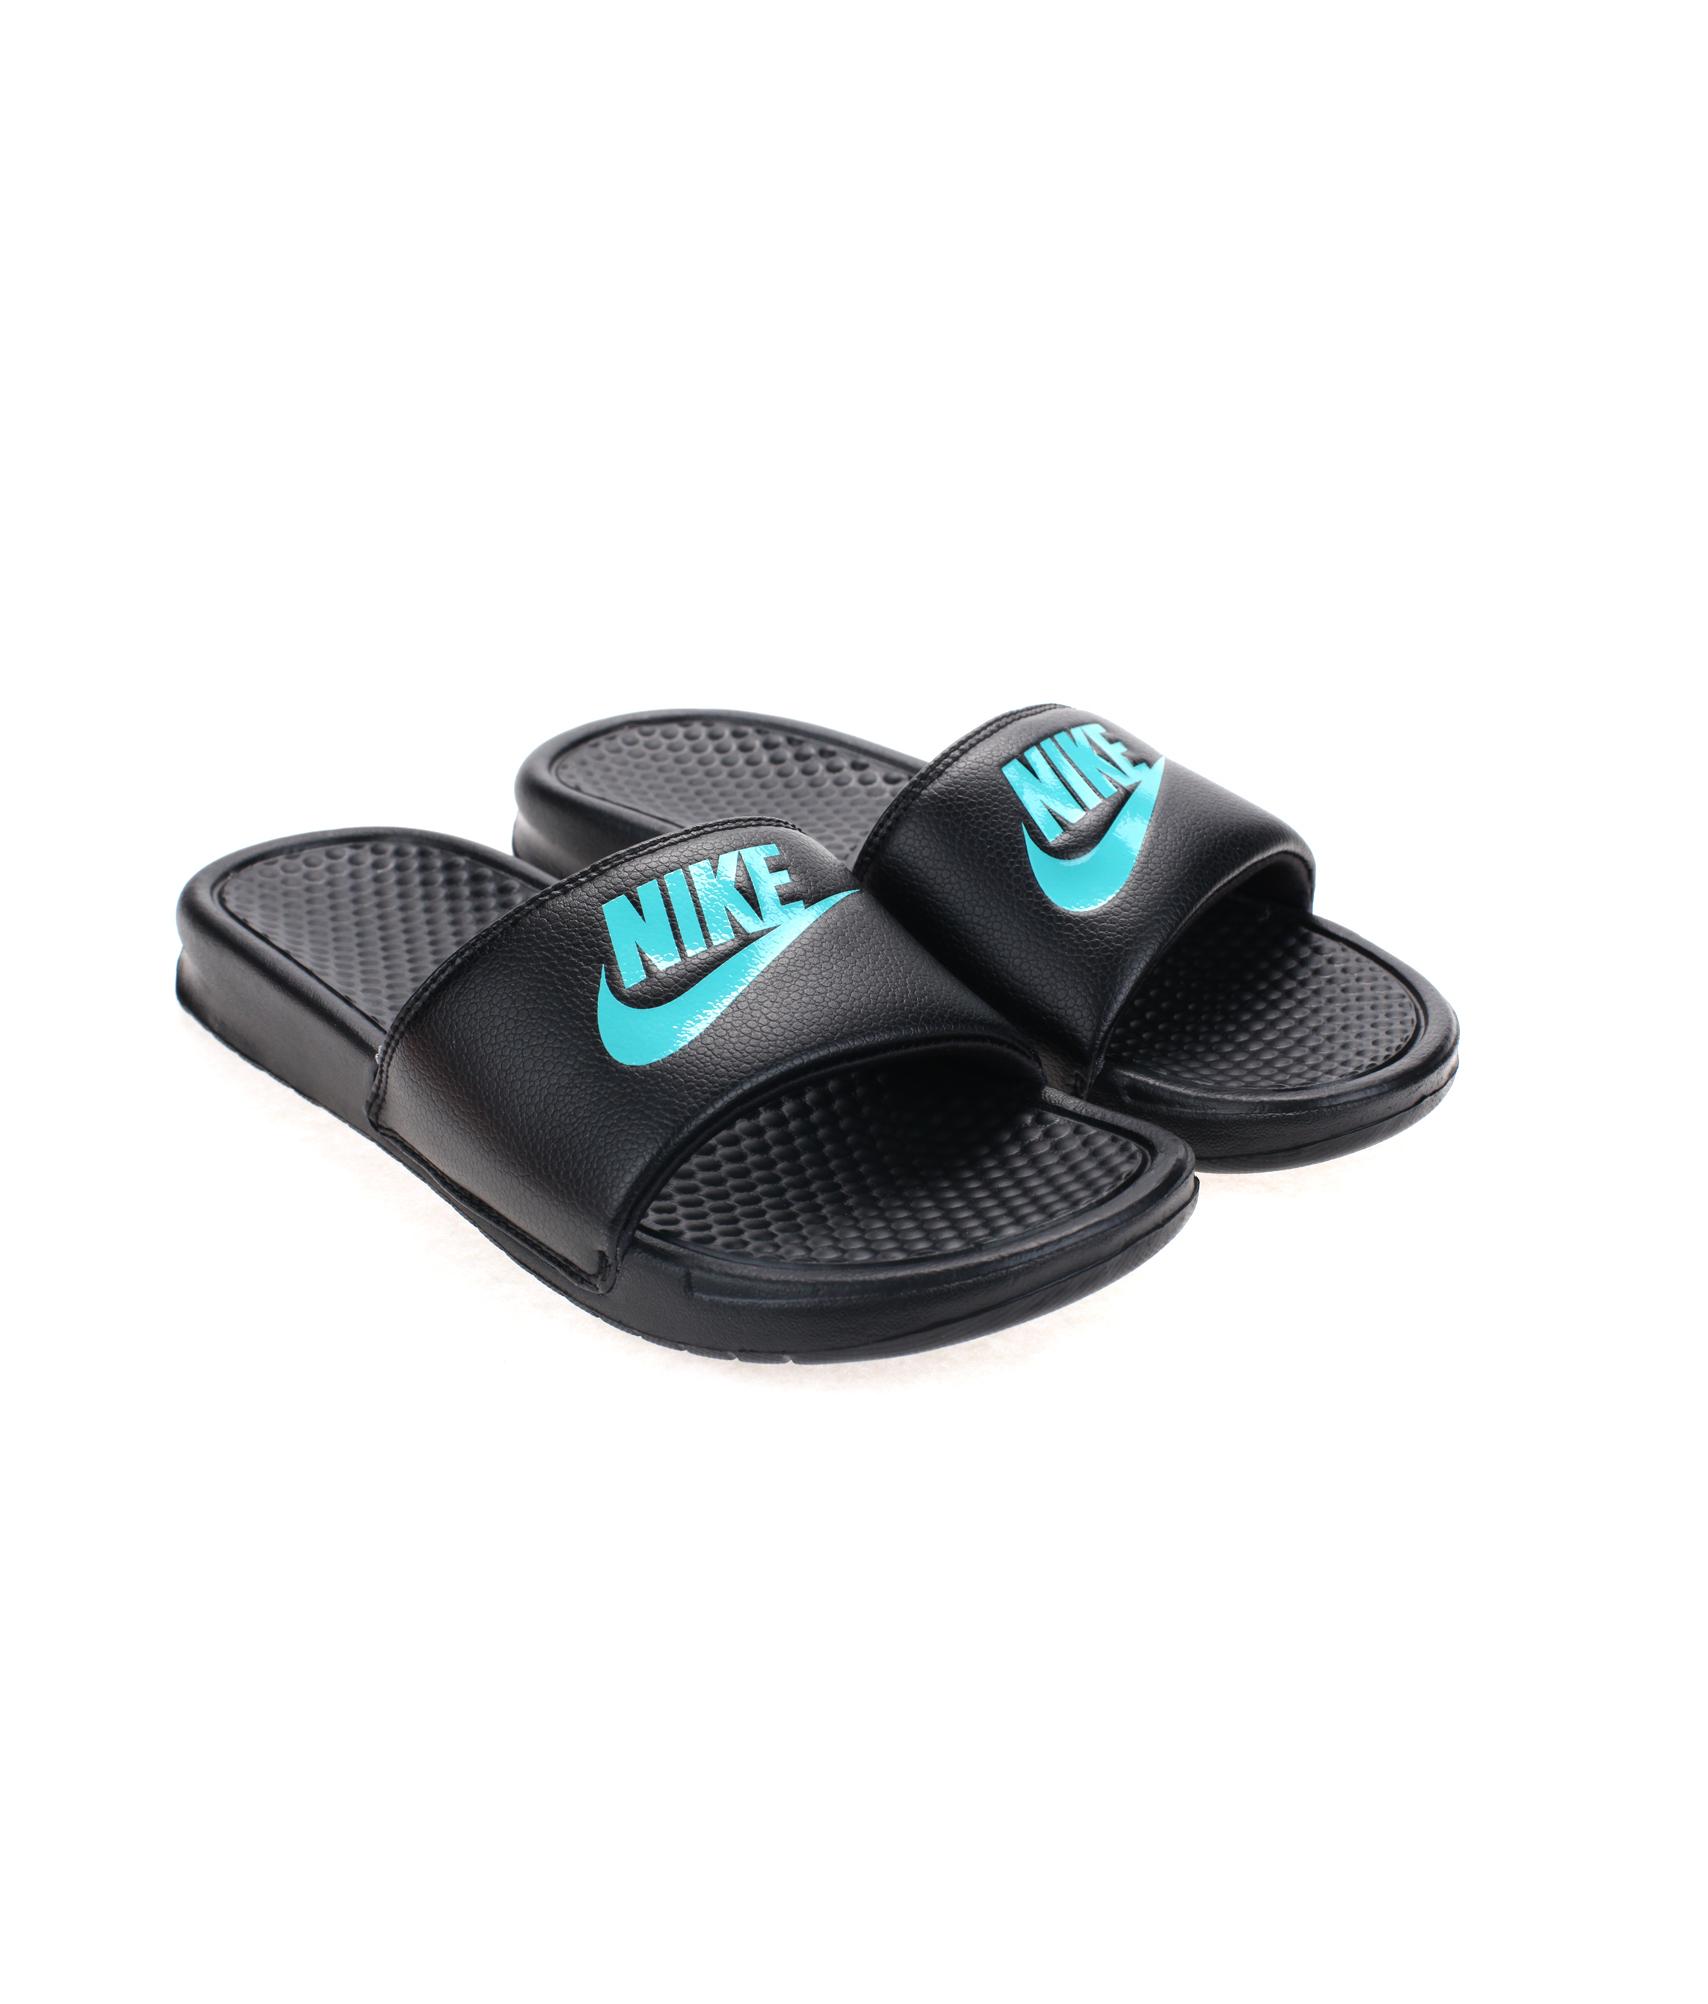 Сандалии Nike BENASSI JDI , Цвет-Черный, Размер-9